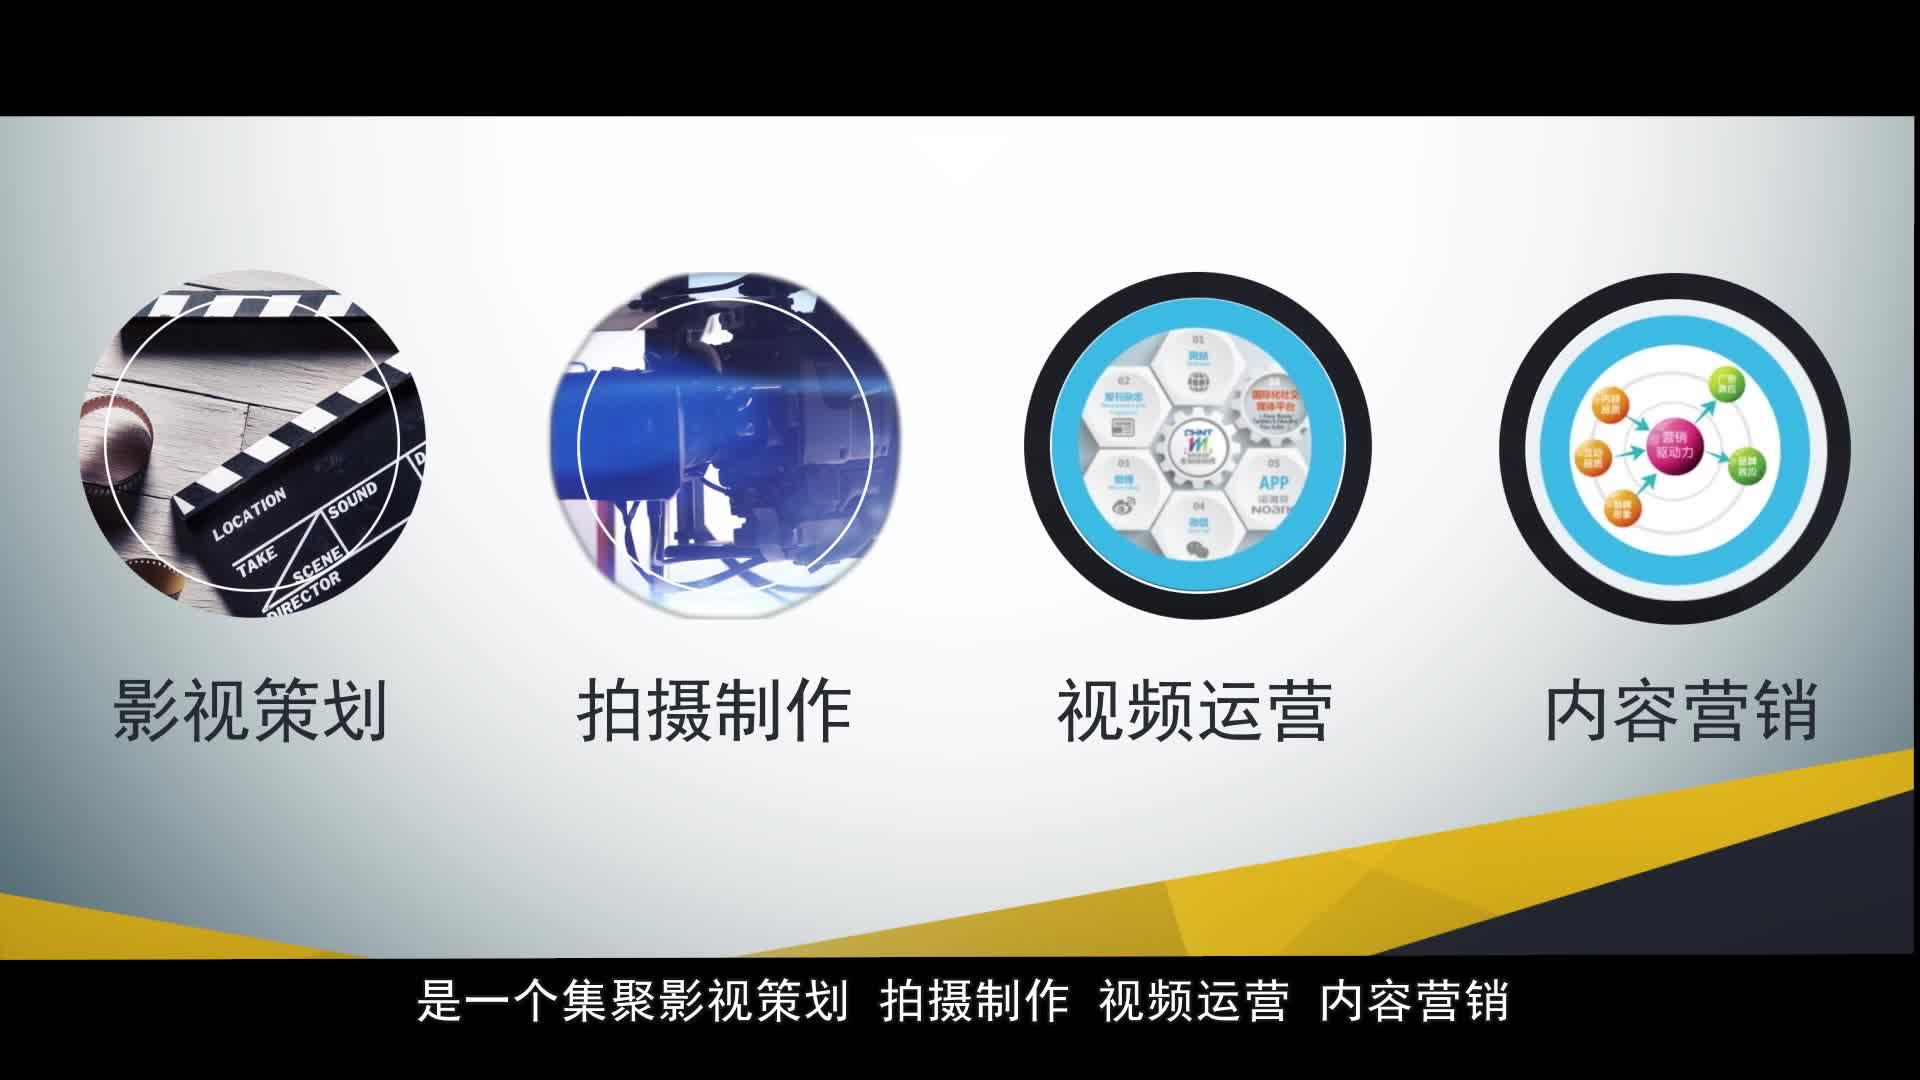 西影集团数码传媒基地宣传片